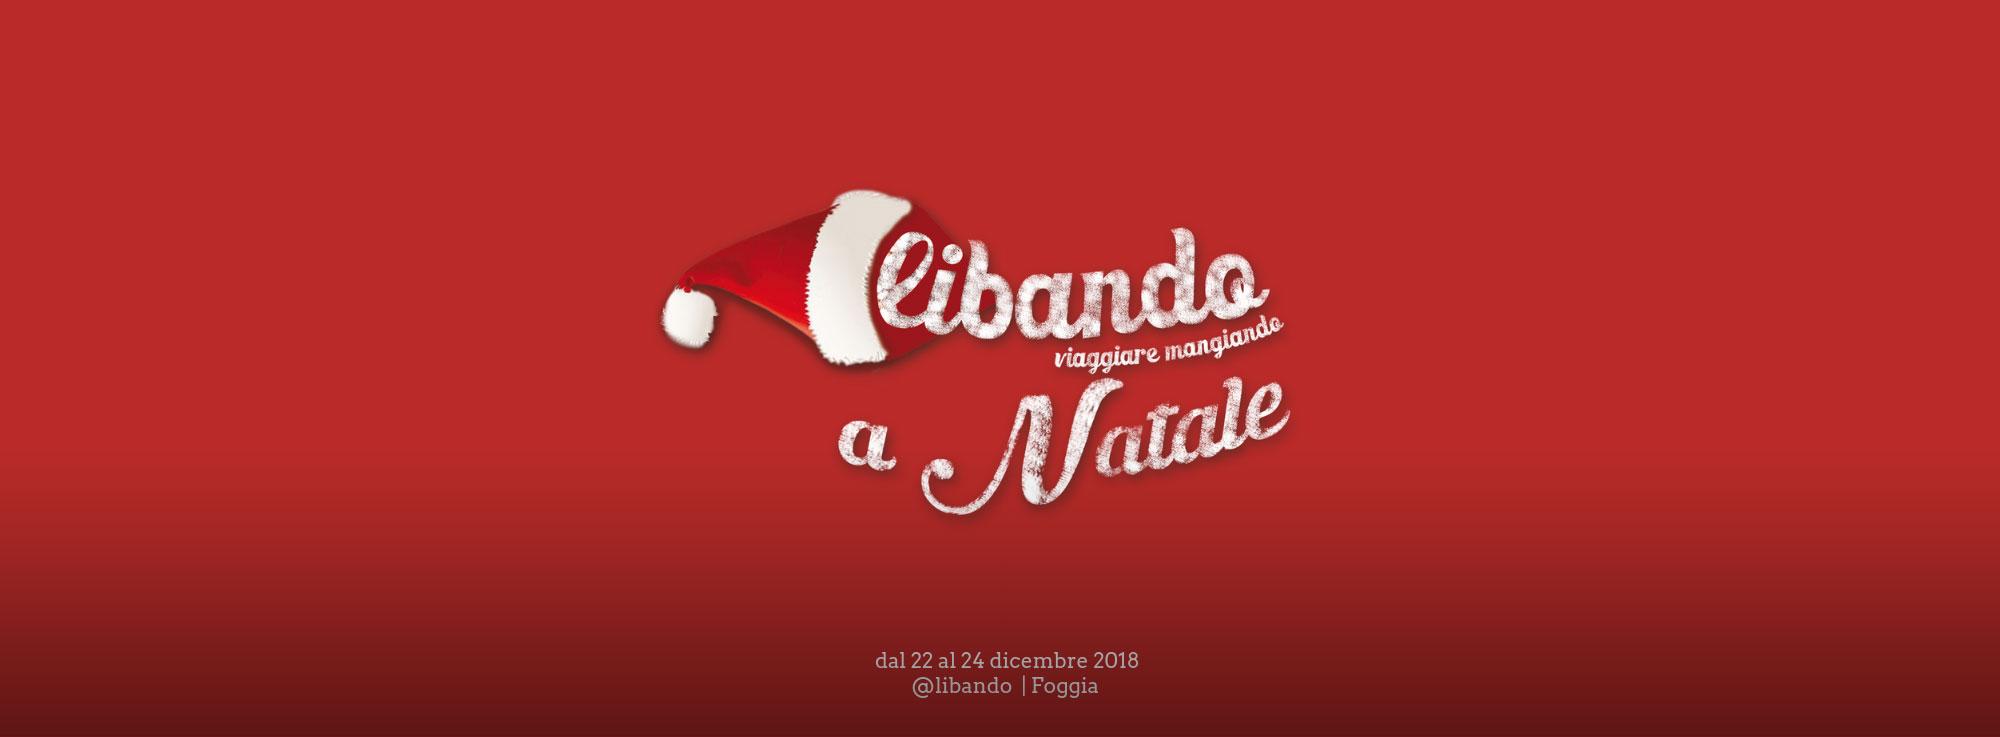 Foggia: Libando a Natale